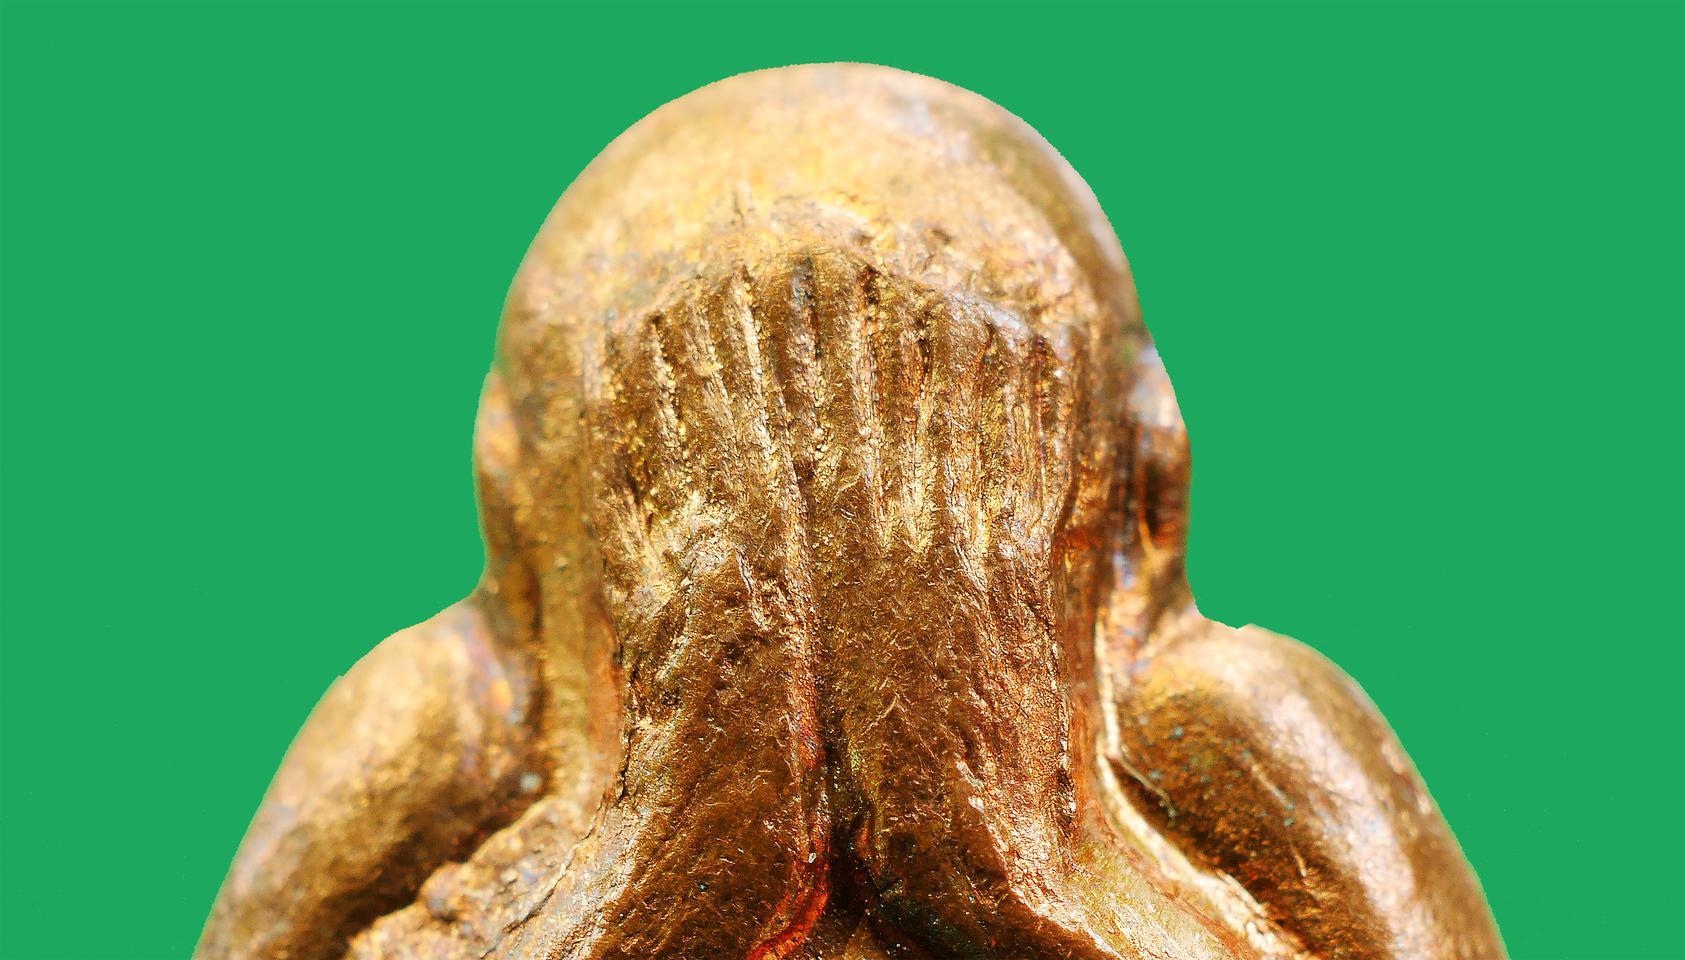 พระปิดตาหลังรูปเหมือน หลวงปู่ทิม วัดละหารไร่ ปี พ.ศ.2517...สวยเดิม รูปที่ 3